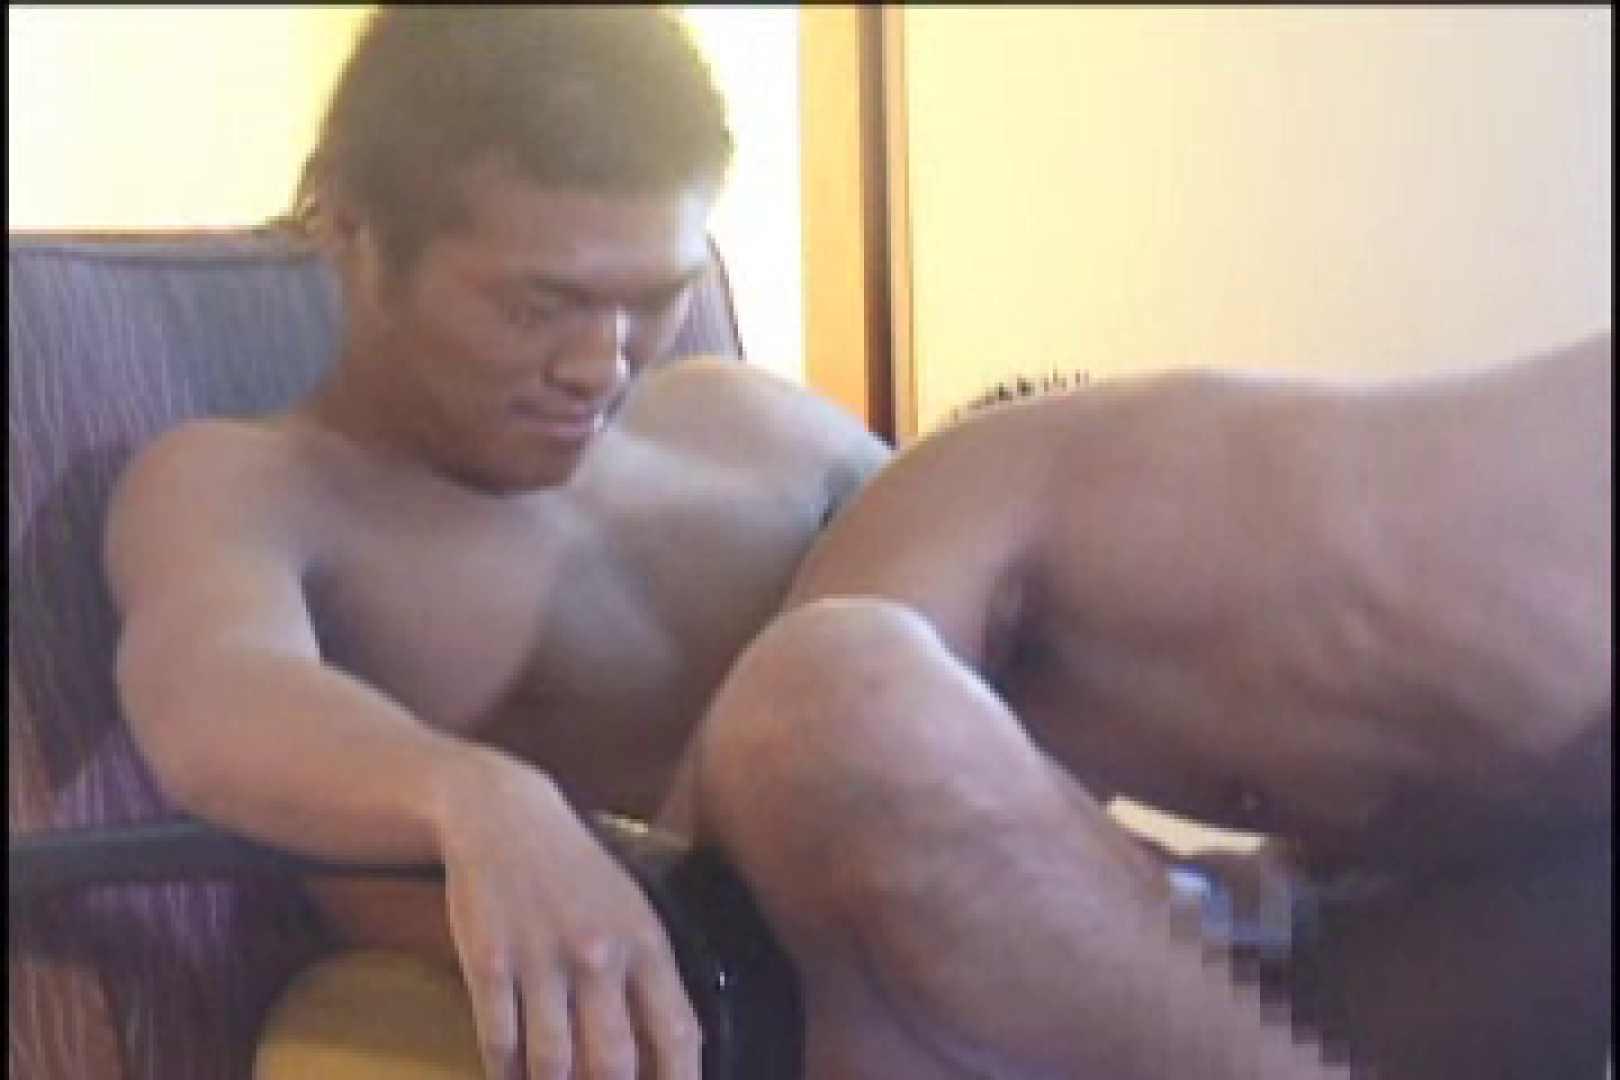 光り輝く男たちのロマンシングメモリー!!vol.09 オナニー ゲイアダルトビデオ画像 79pic 3